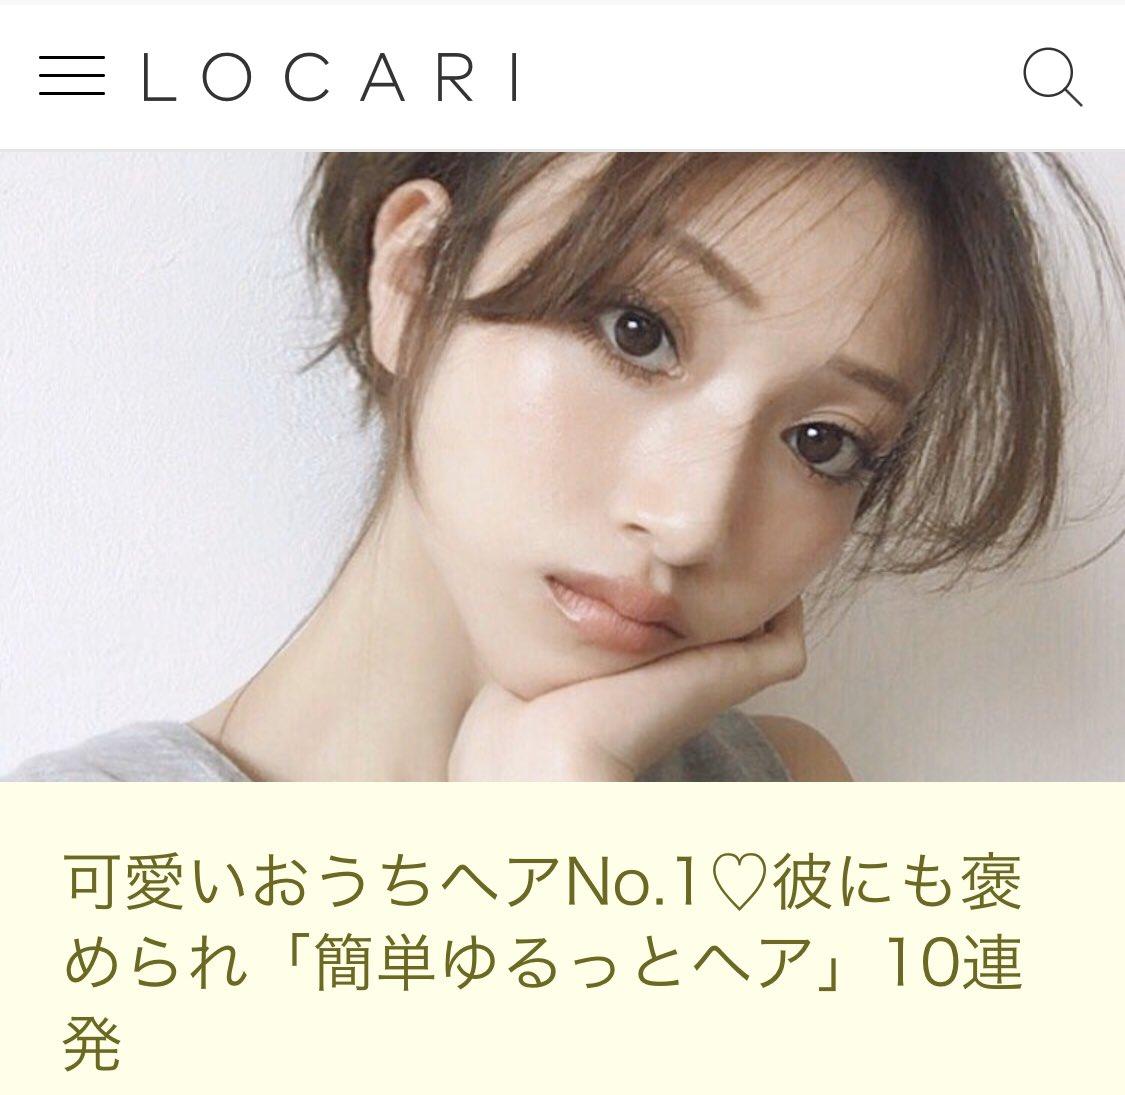 可愛いおうちヘアNo.1♡彼にも褒められ「簡単ゆるっとヘア」10連発  @locari_jpより#ロカリ #LOCARI #ピックアップ #お家ヘア#簡単ヘアアレンジ